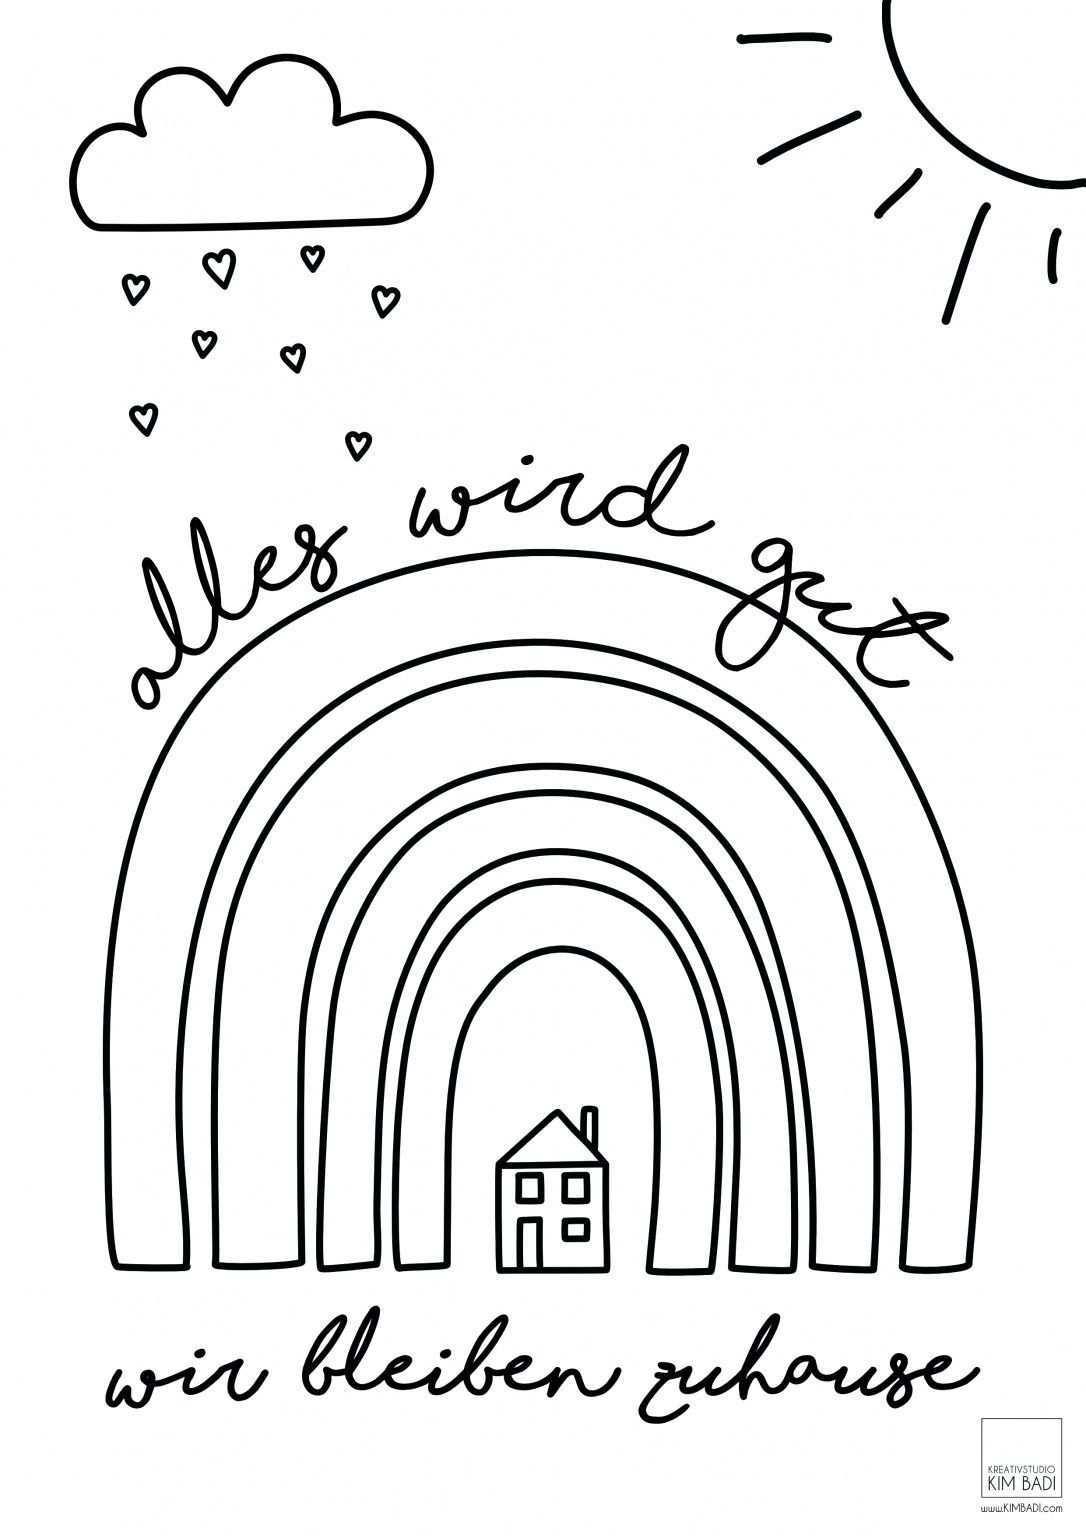 Wir Bleiben Zuhause Kreativstudio Kim Badi Schule Schule Malen In 2020 Bleib Zu Hause Regenbogen Kindergarten Basteln Und Lernen